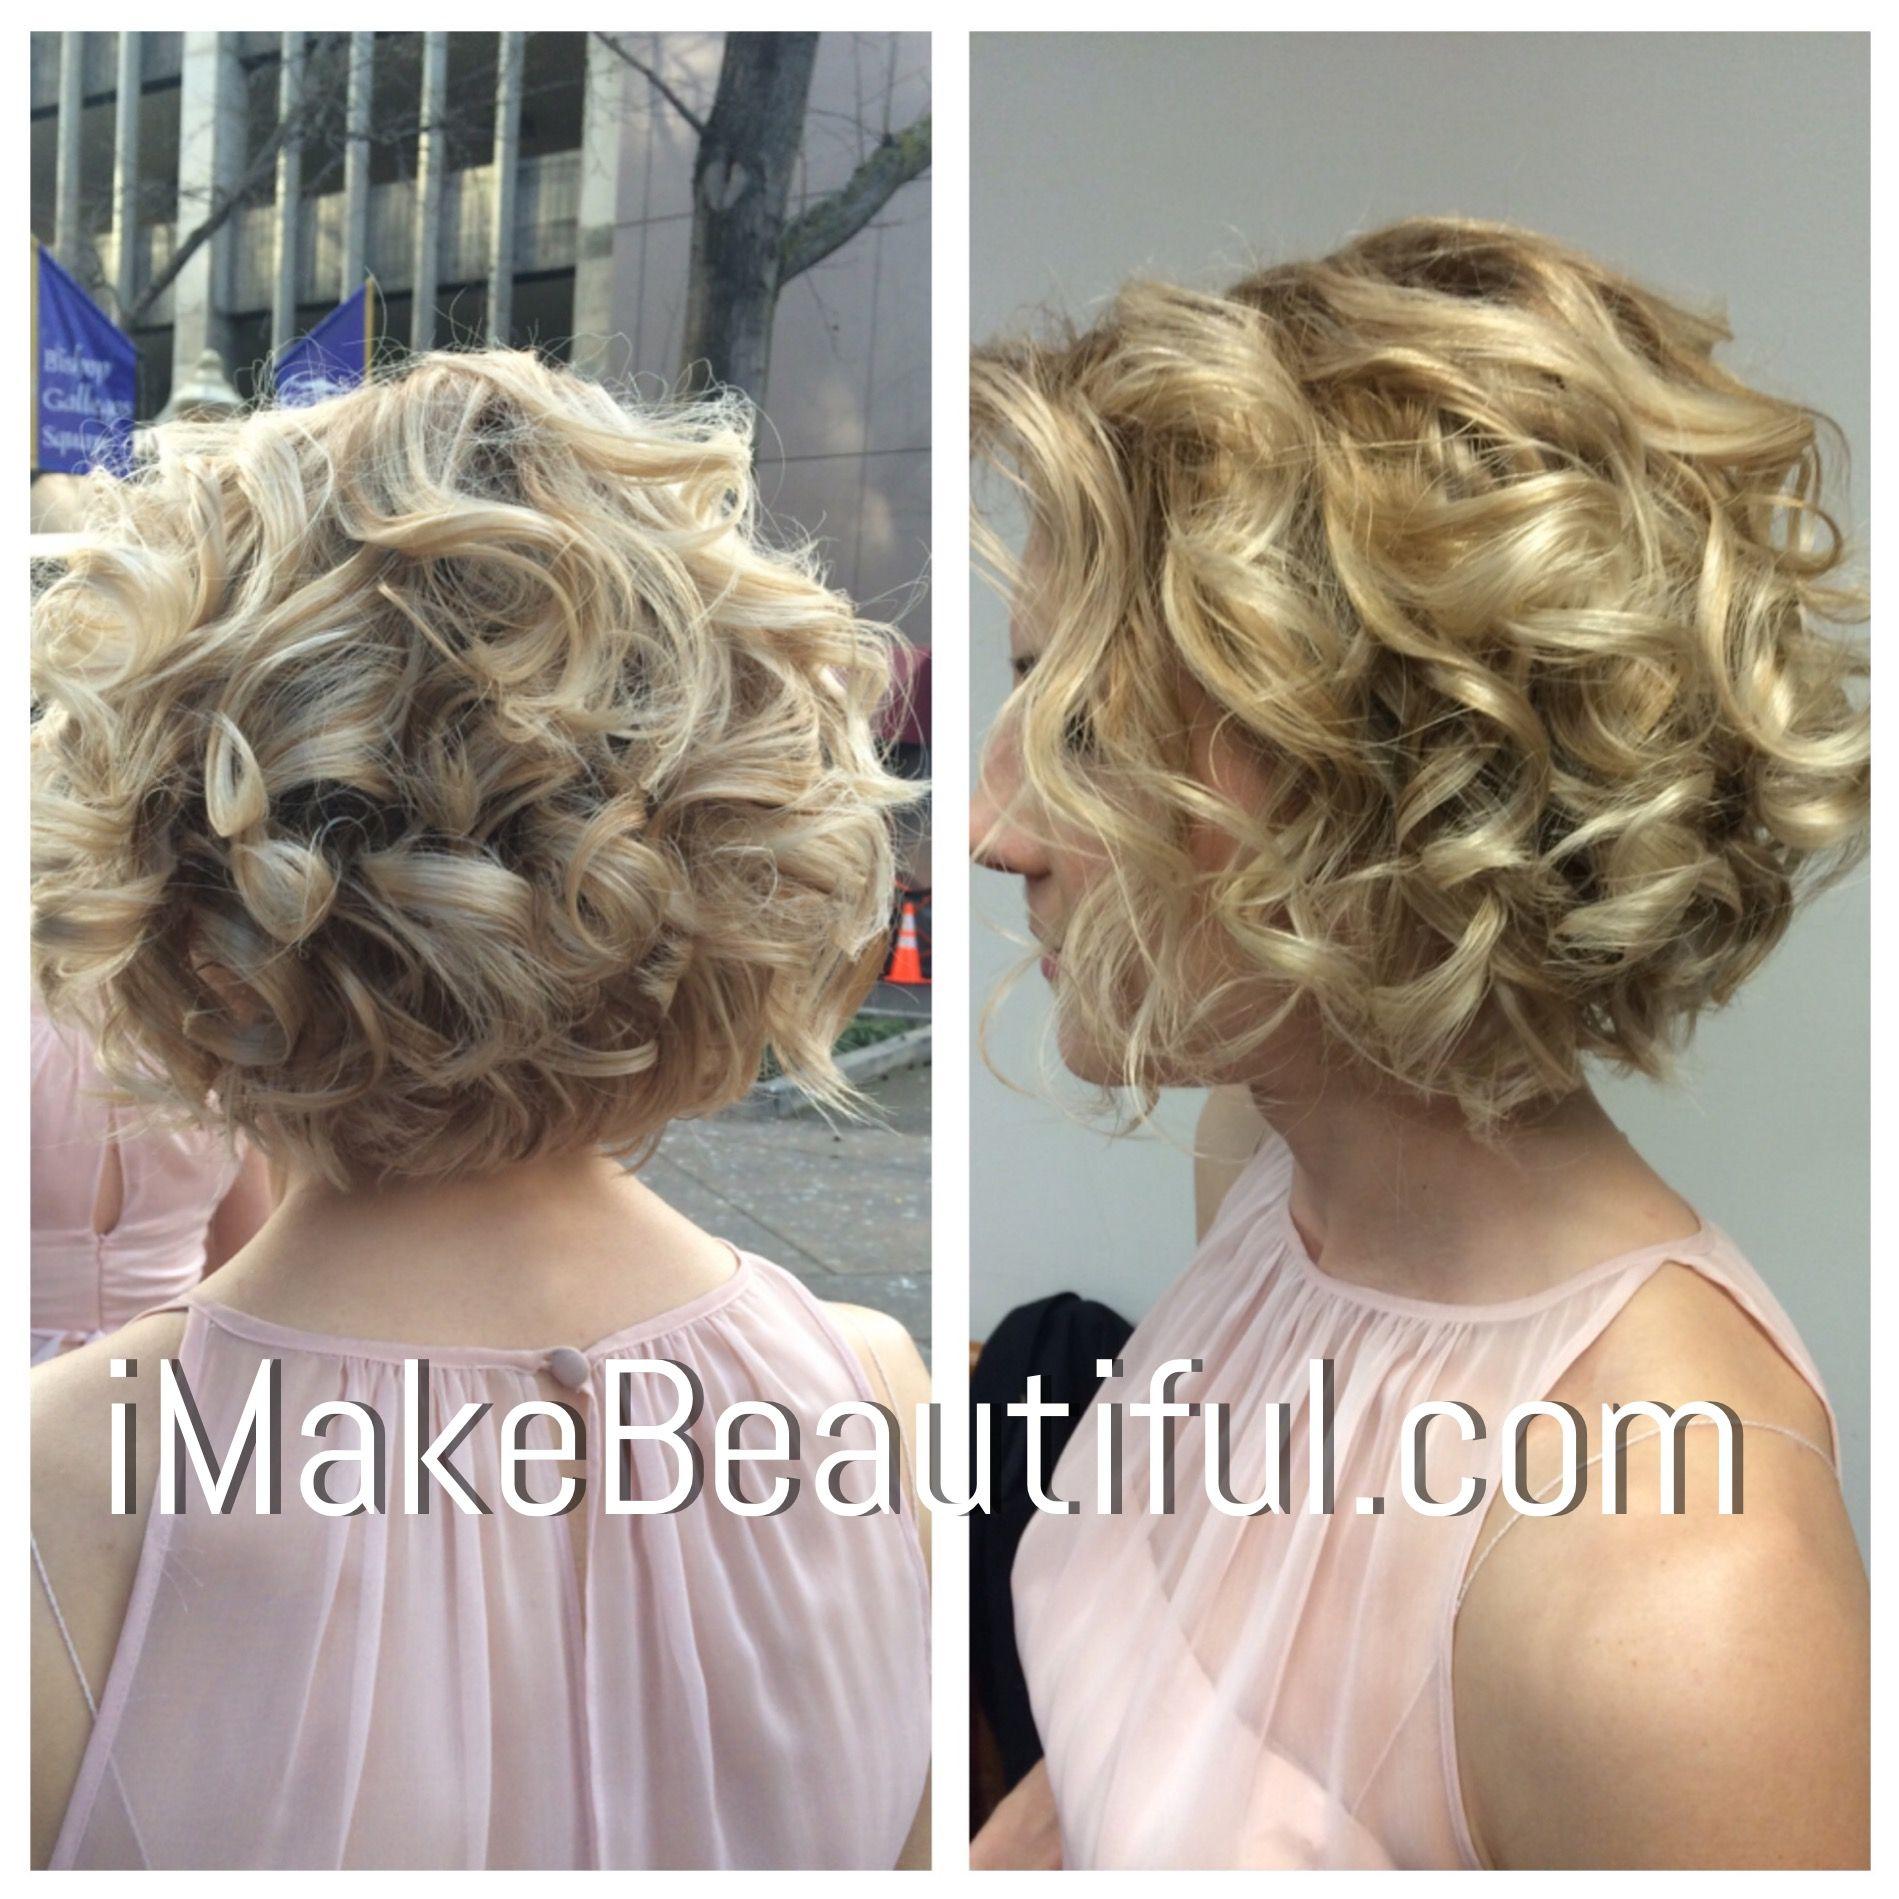 Bridal Hair For Short Hair In 2020 Short Curly Hair Short Permed Hair Short Hair Bride